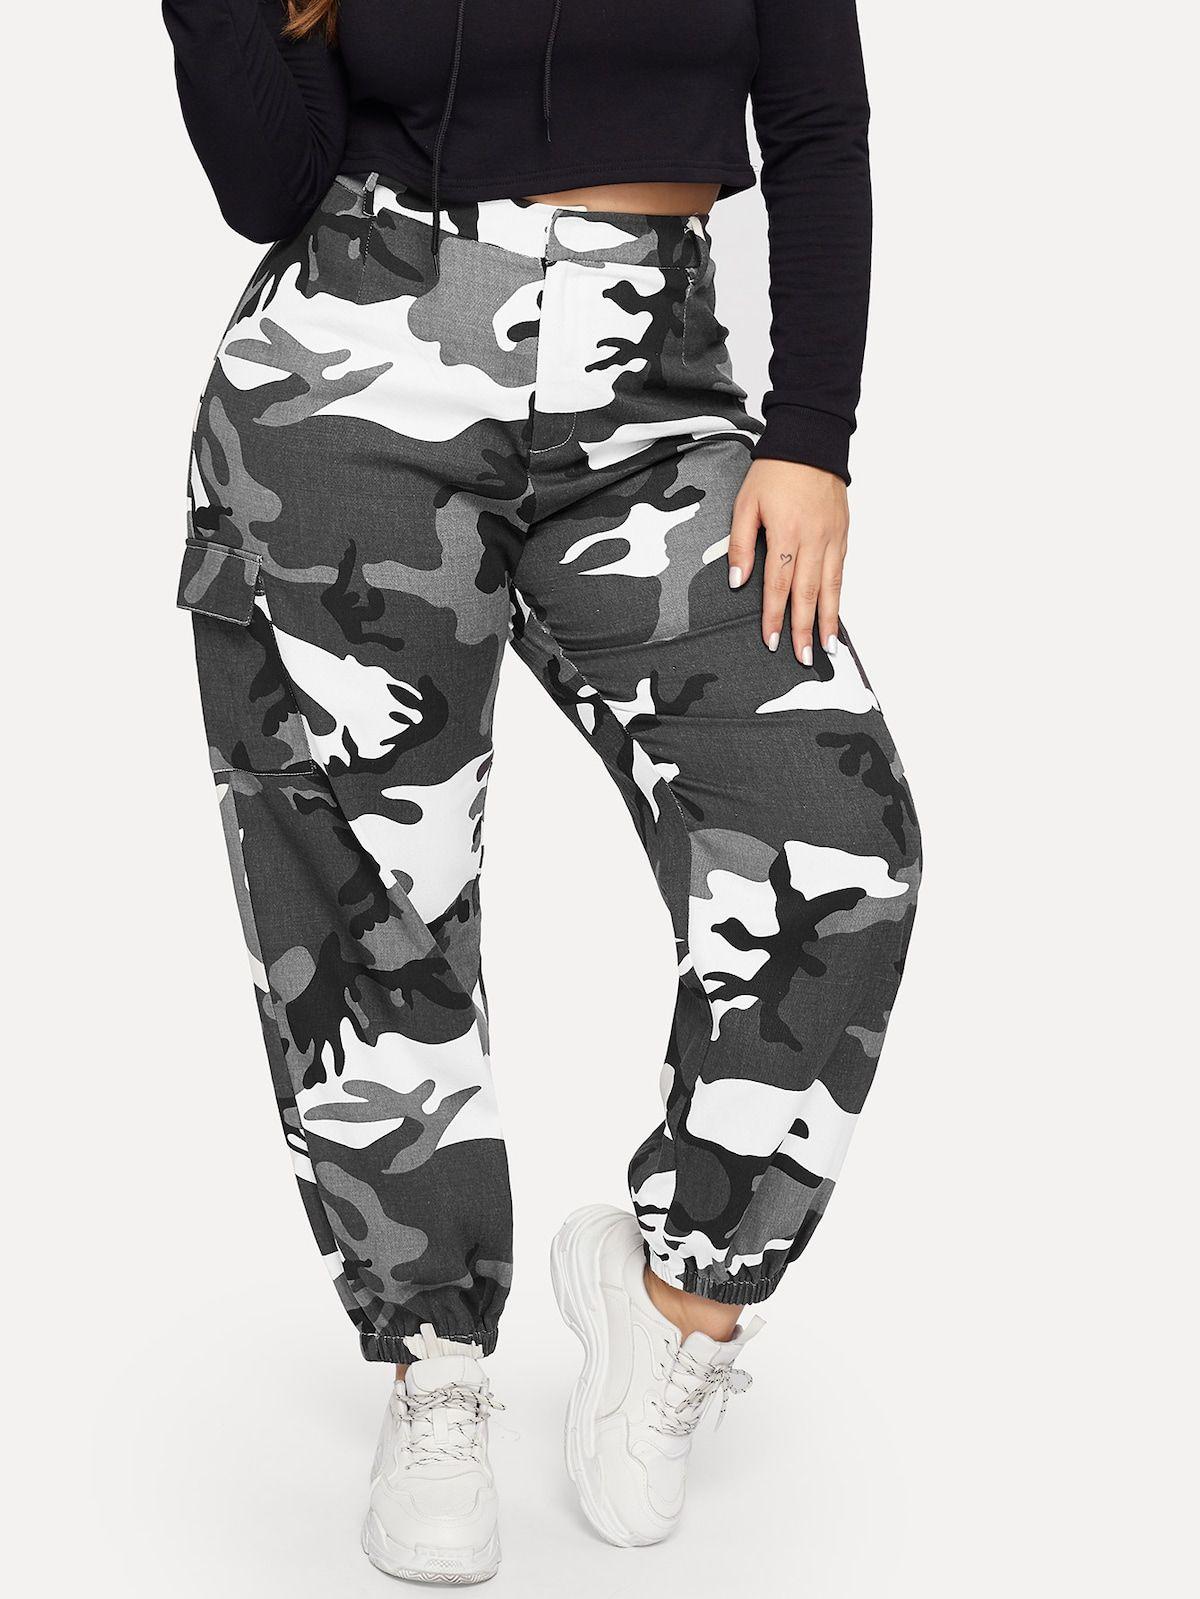 Pantalones Conicos De Camuflaje Con Bolsillo Lateral Grande Romwe Pantalones Camuflaje Mujer Pantalones Camuflados Mujer Ropa De Camuflaje